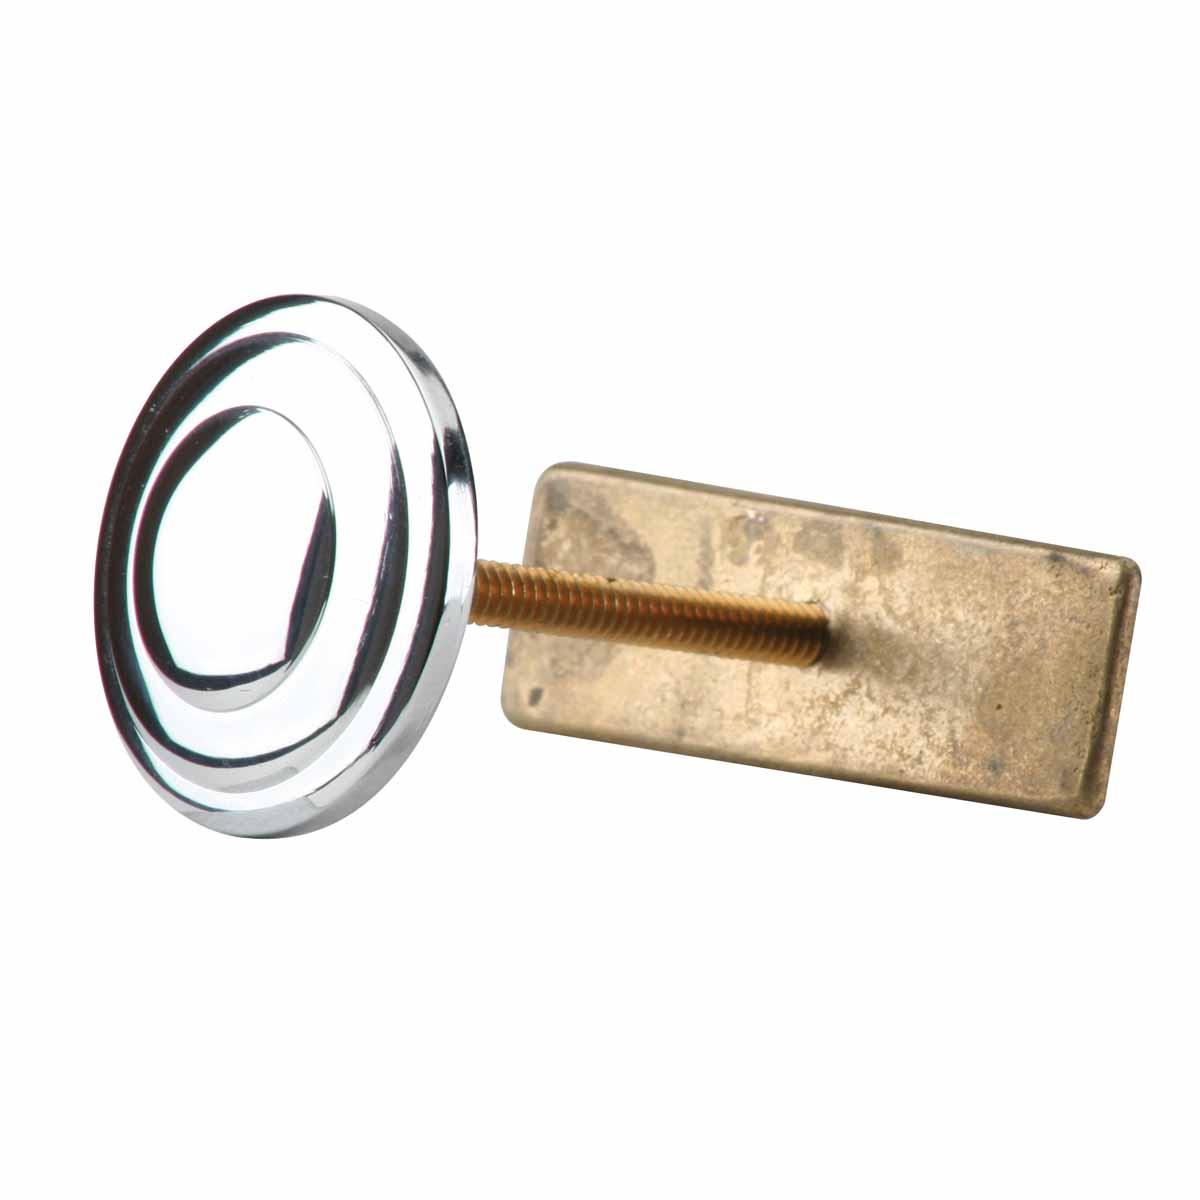 ... U003cPREu003eBright Chrome Sink Hole Plugs Center Hole Cover 1 1/2 In ...